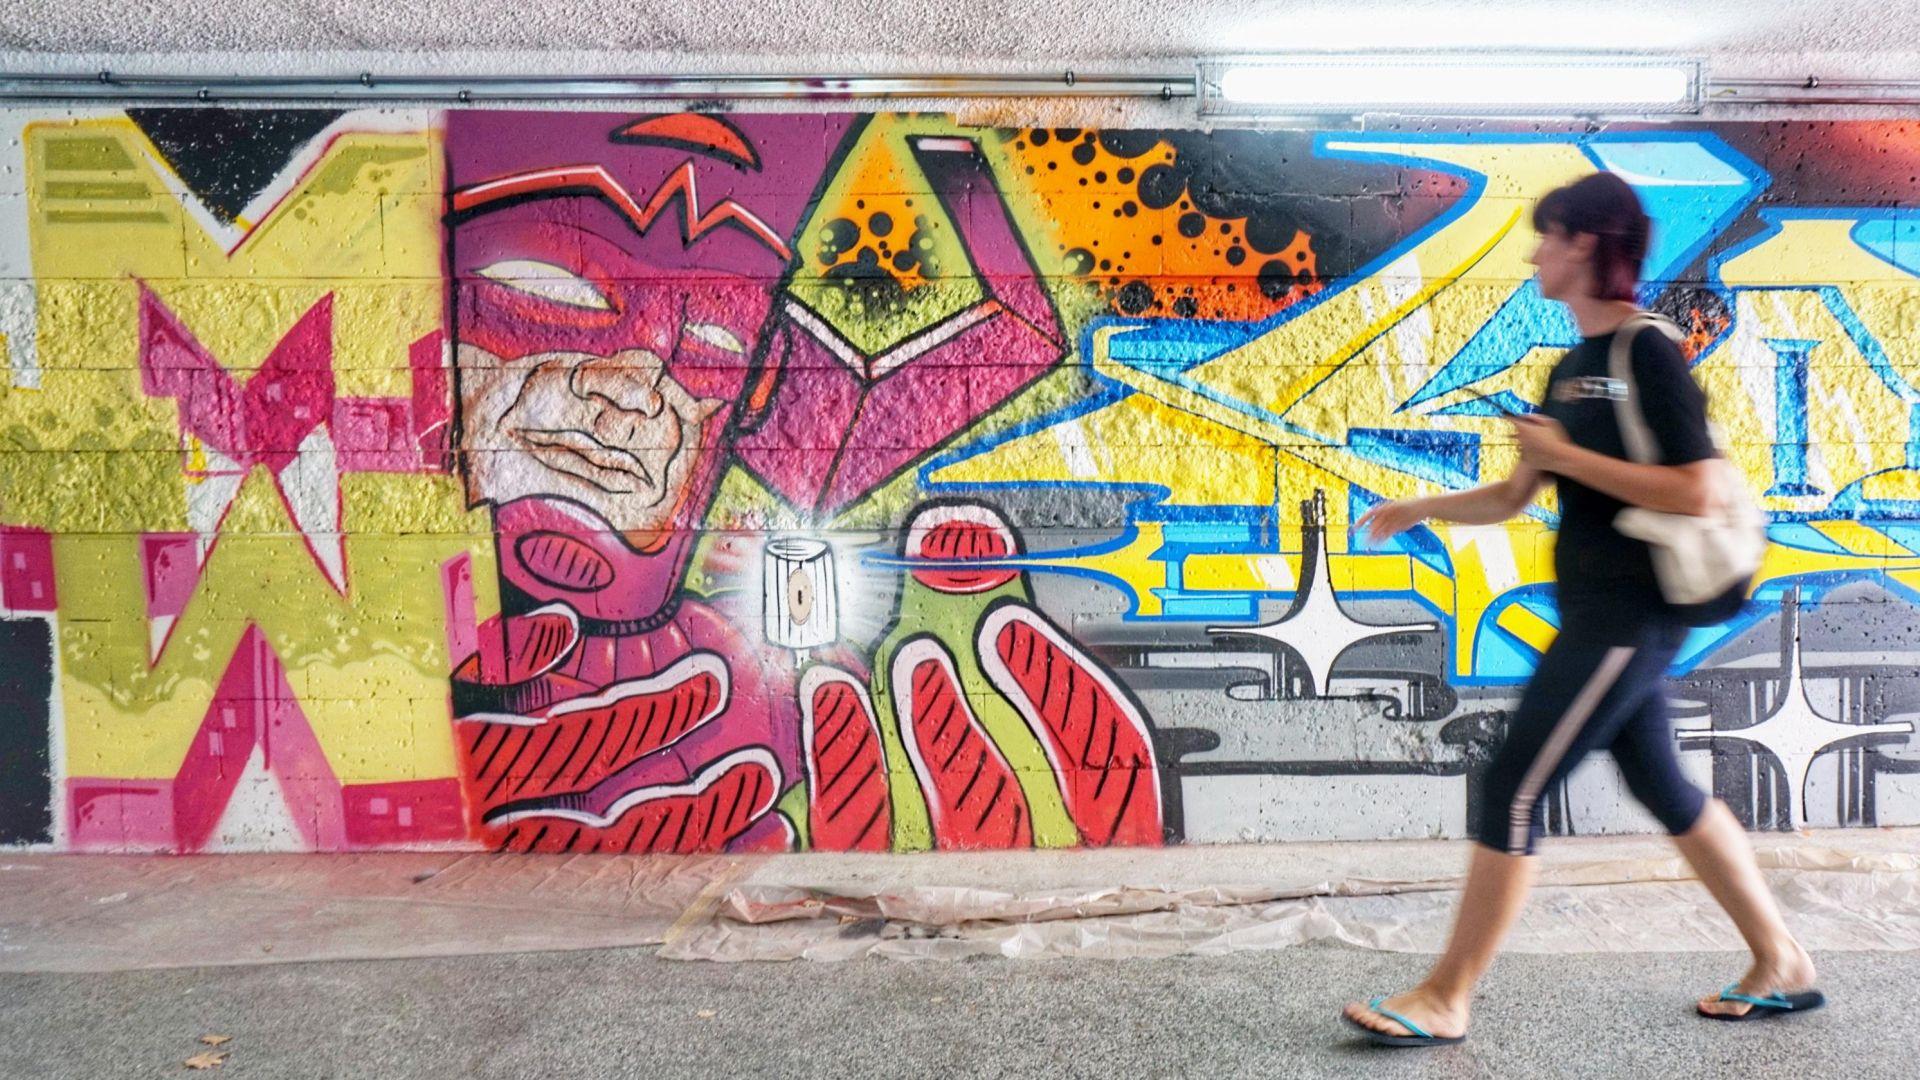 Разкрасяват подлез с космически графити (снимки)